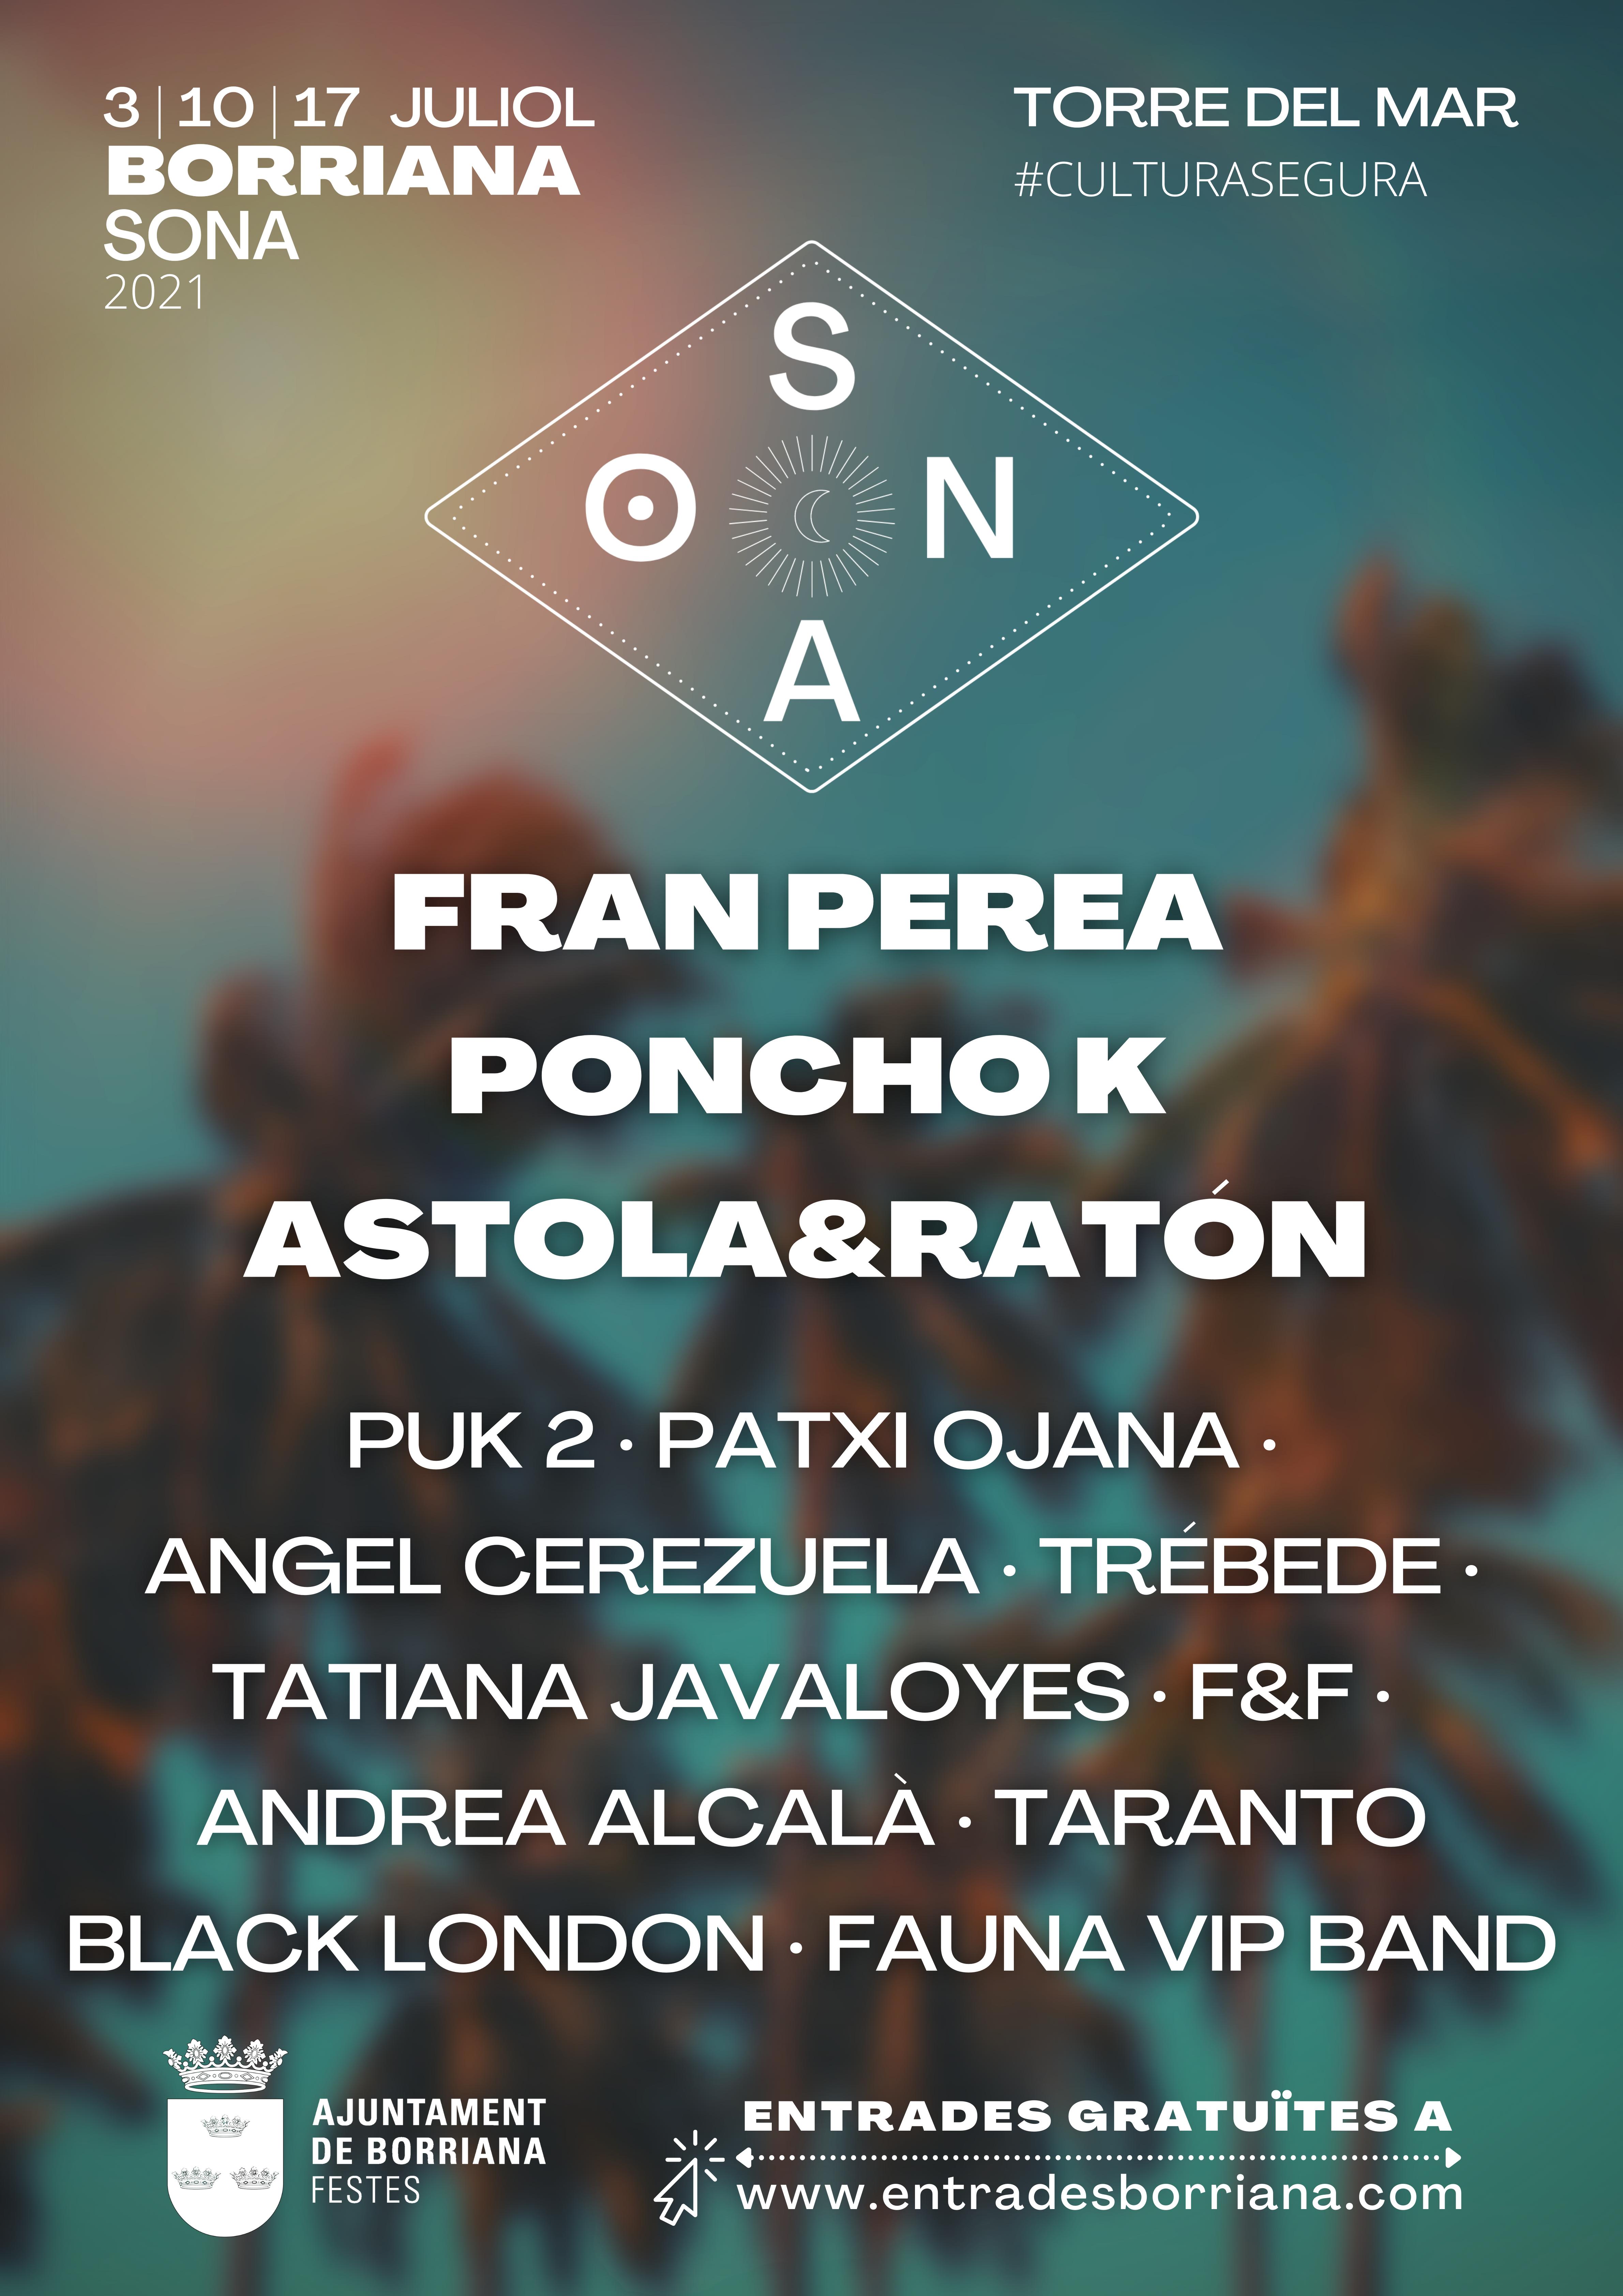 La primera edición del festival 'Borriana Sona' vibrará los sábados de julio en la Torre del Mar